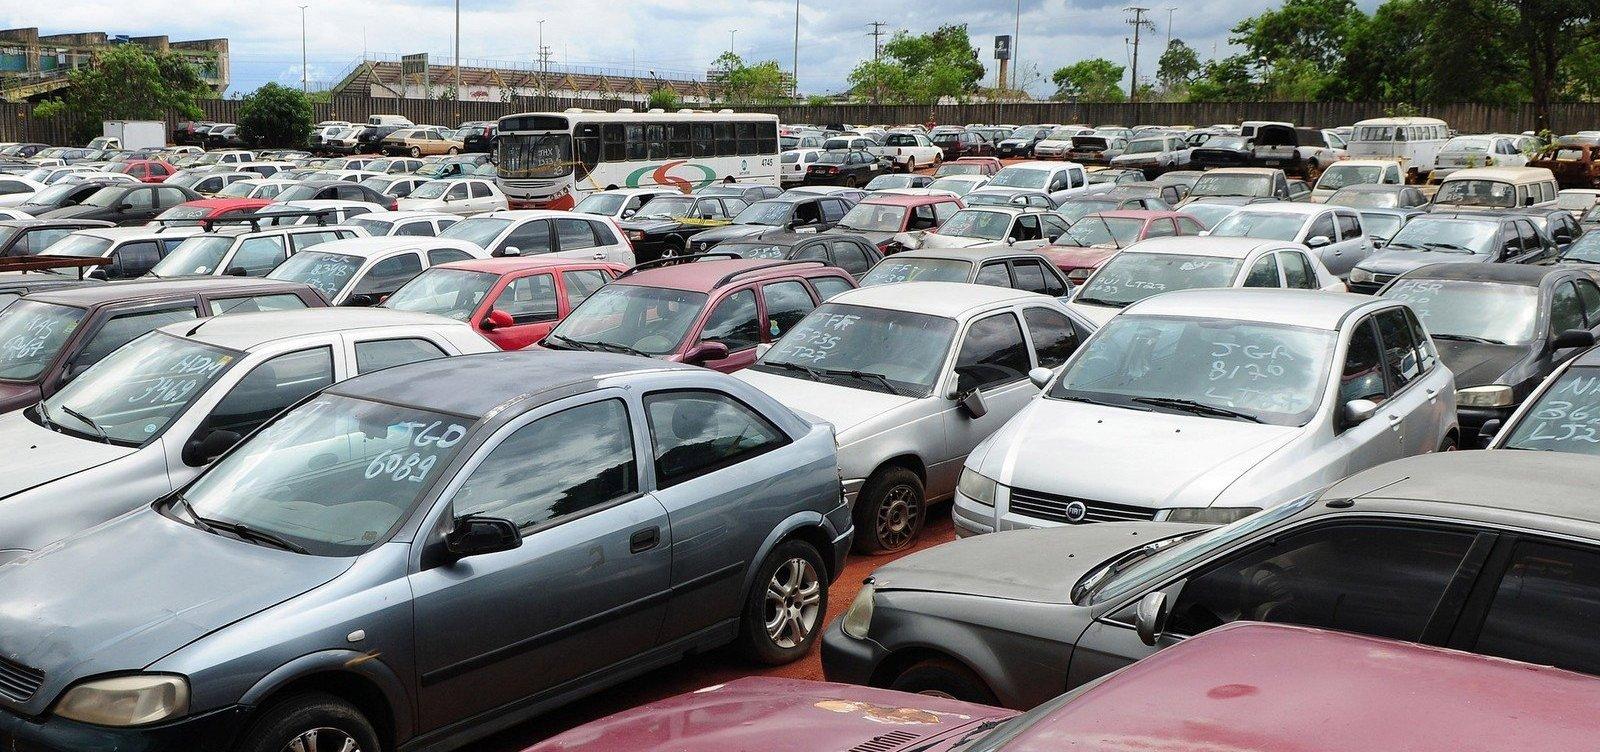 [Transalvador realiza leilão de peças e carros com lance inicial de R$ 200 até R$ 5.380]